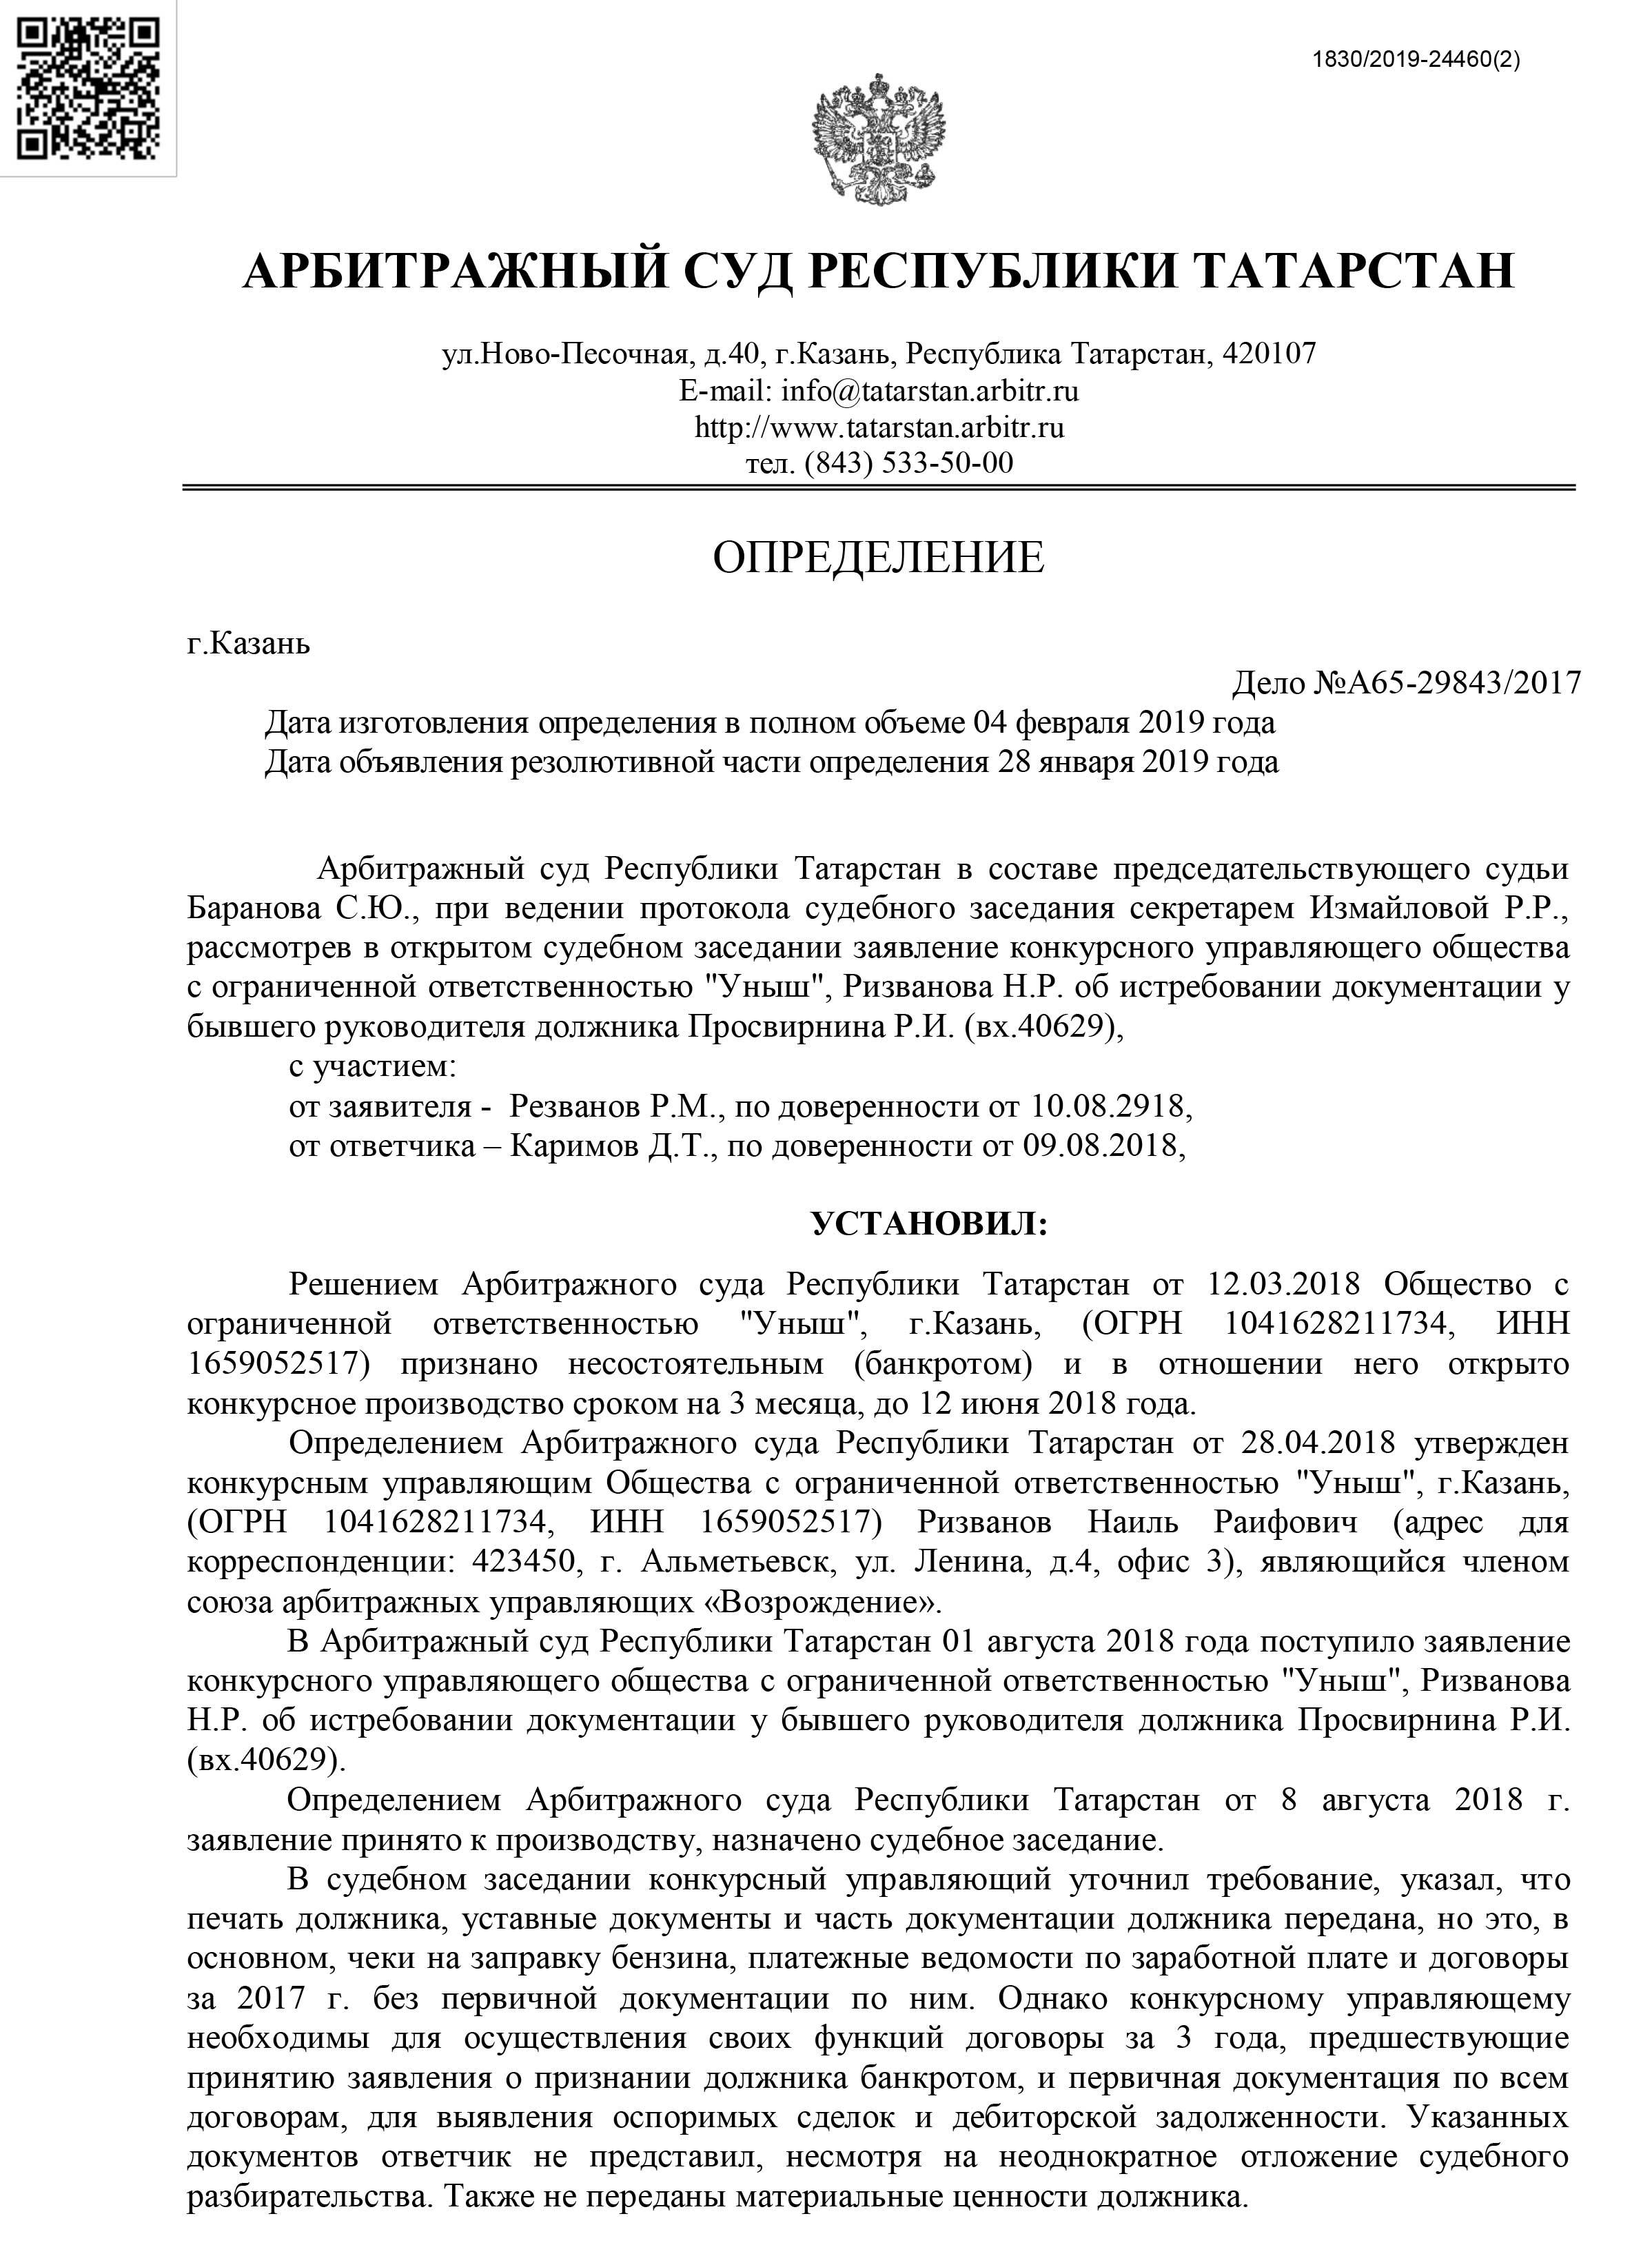 A65-29843-2017_20190204_Opredelenie-1